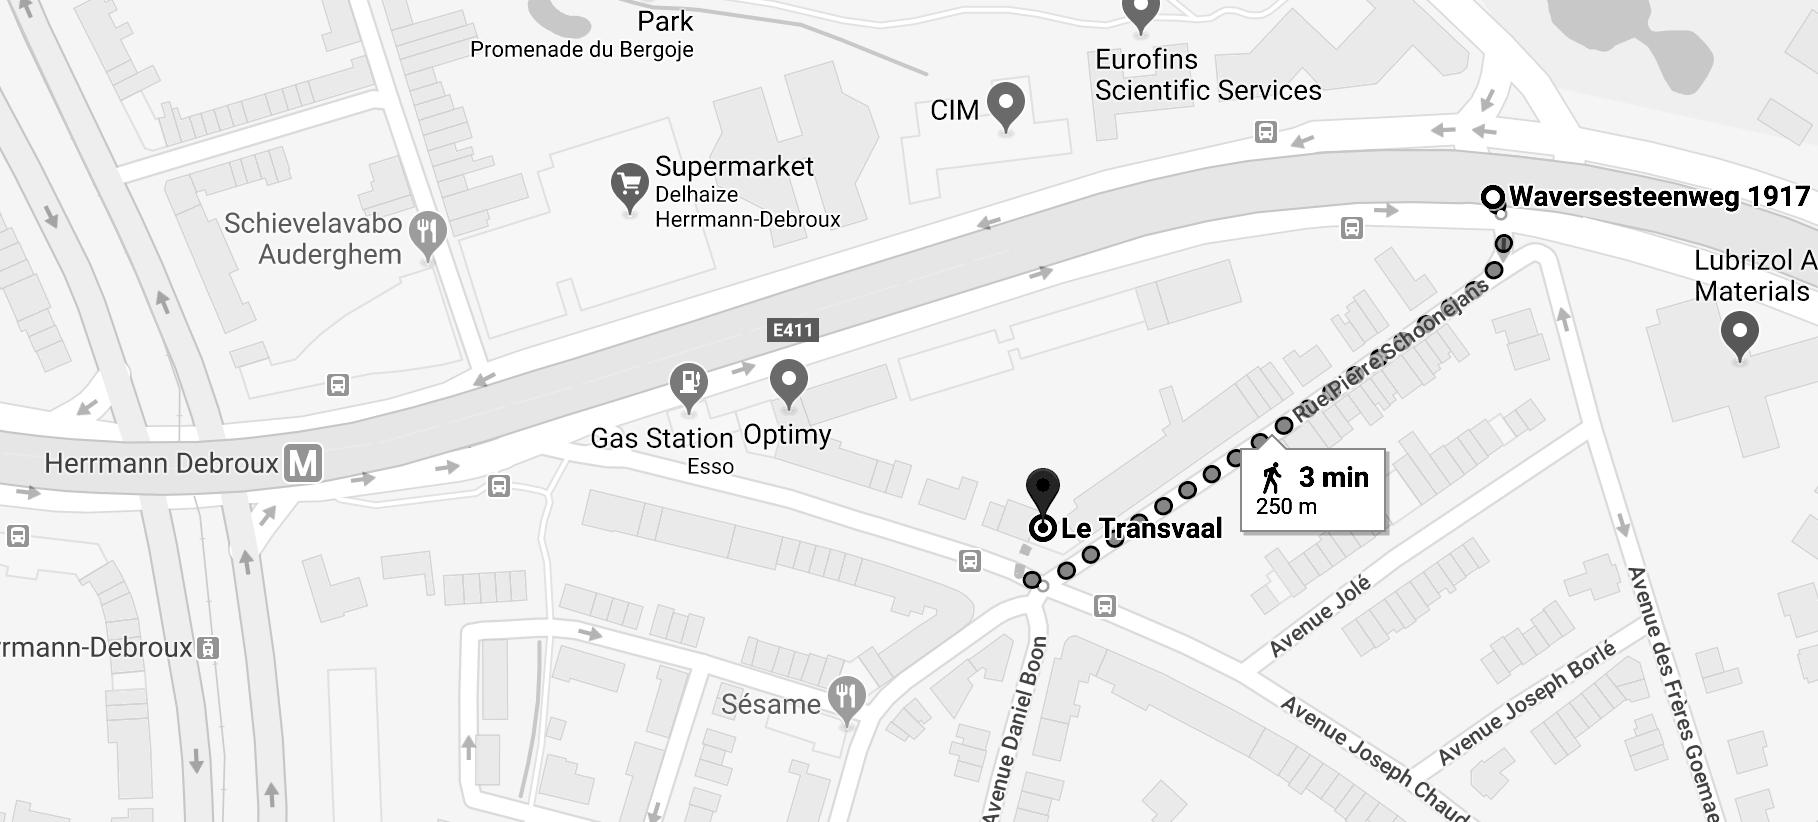 Pour vous garer, tentez votre chance dans le parking sous le viaduc, dans le bas de la rue Schoonjans. C'est à 3 min à pied et il y a souvent beaucoup de places, surtout le soir.